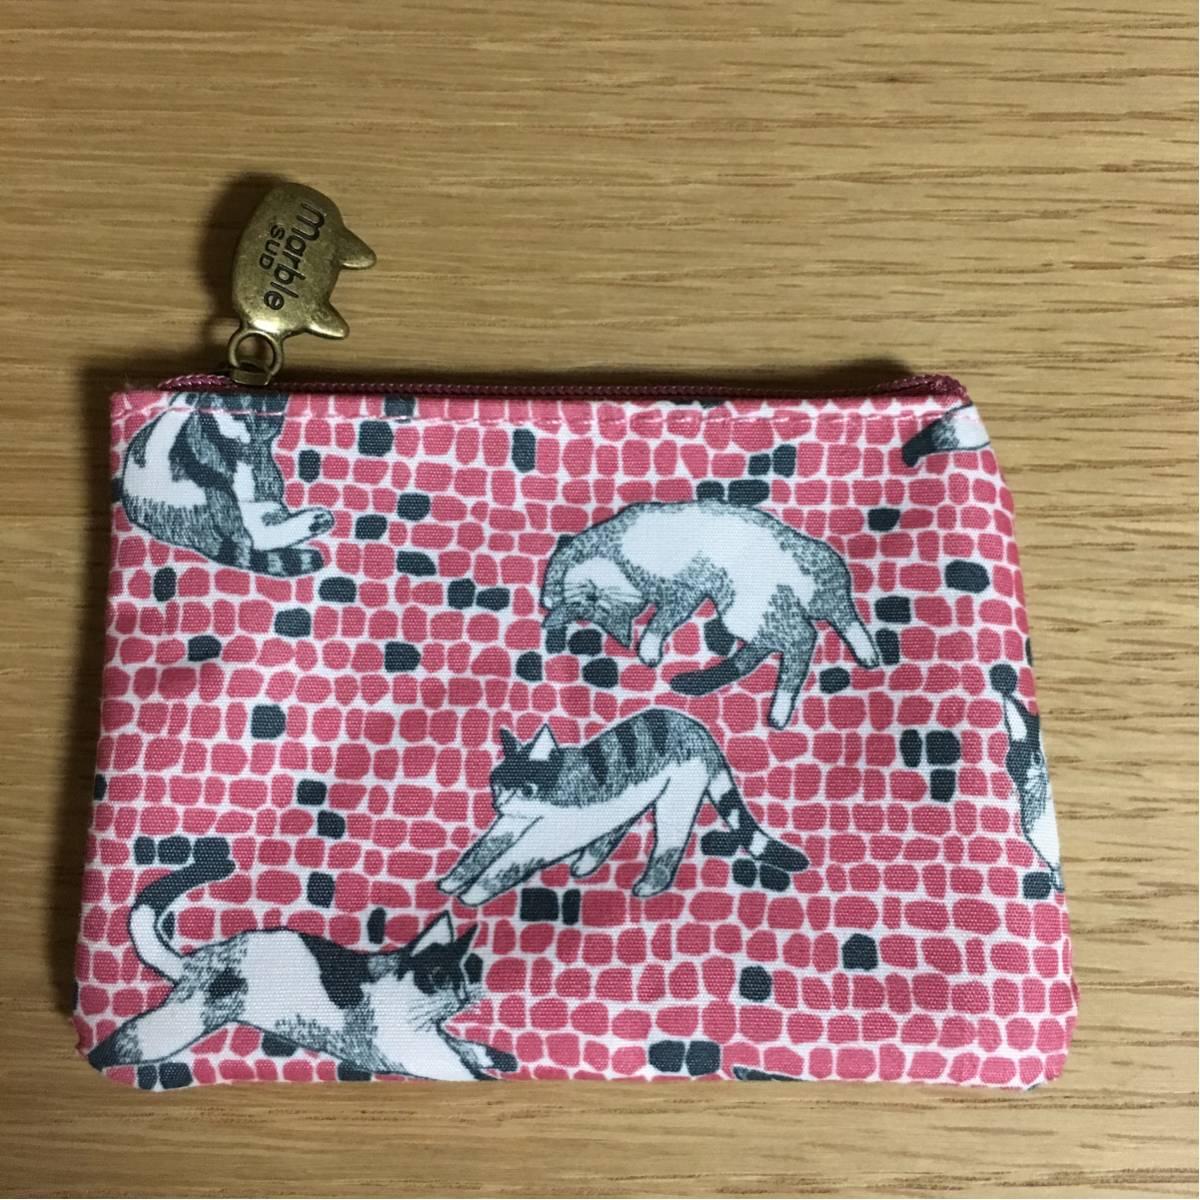 マーブルシュッド☆リンネル2016.11月号付録☆猫の小物入れ☆未使用☆B_画像1